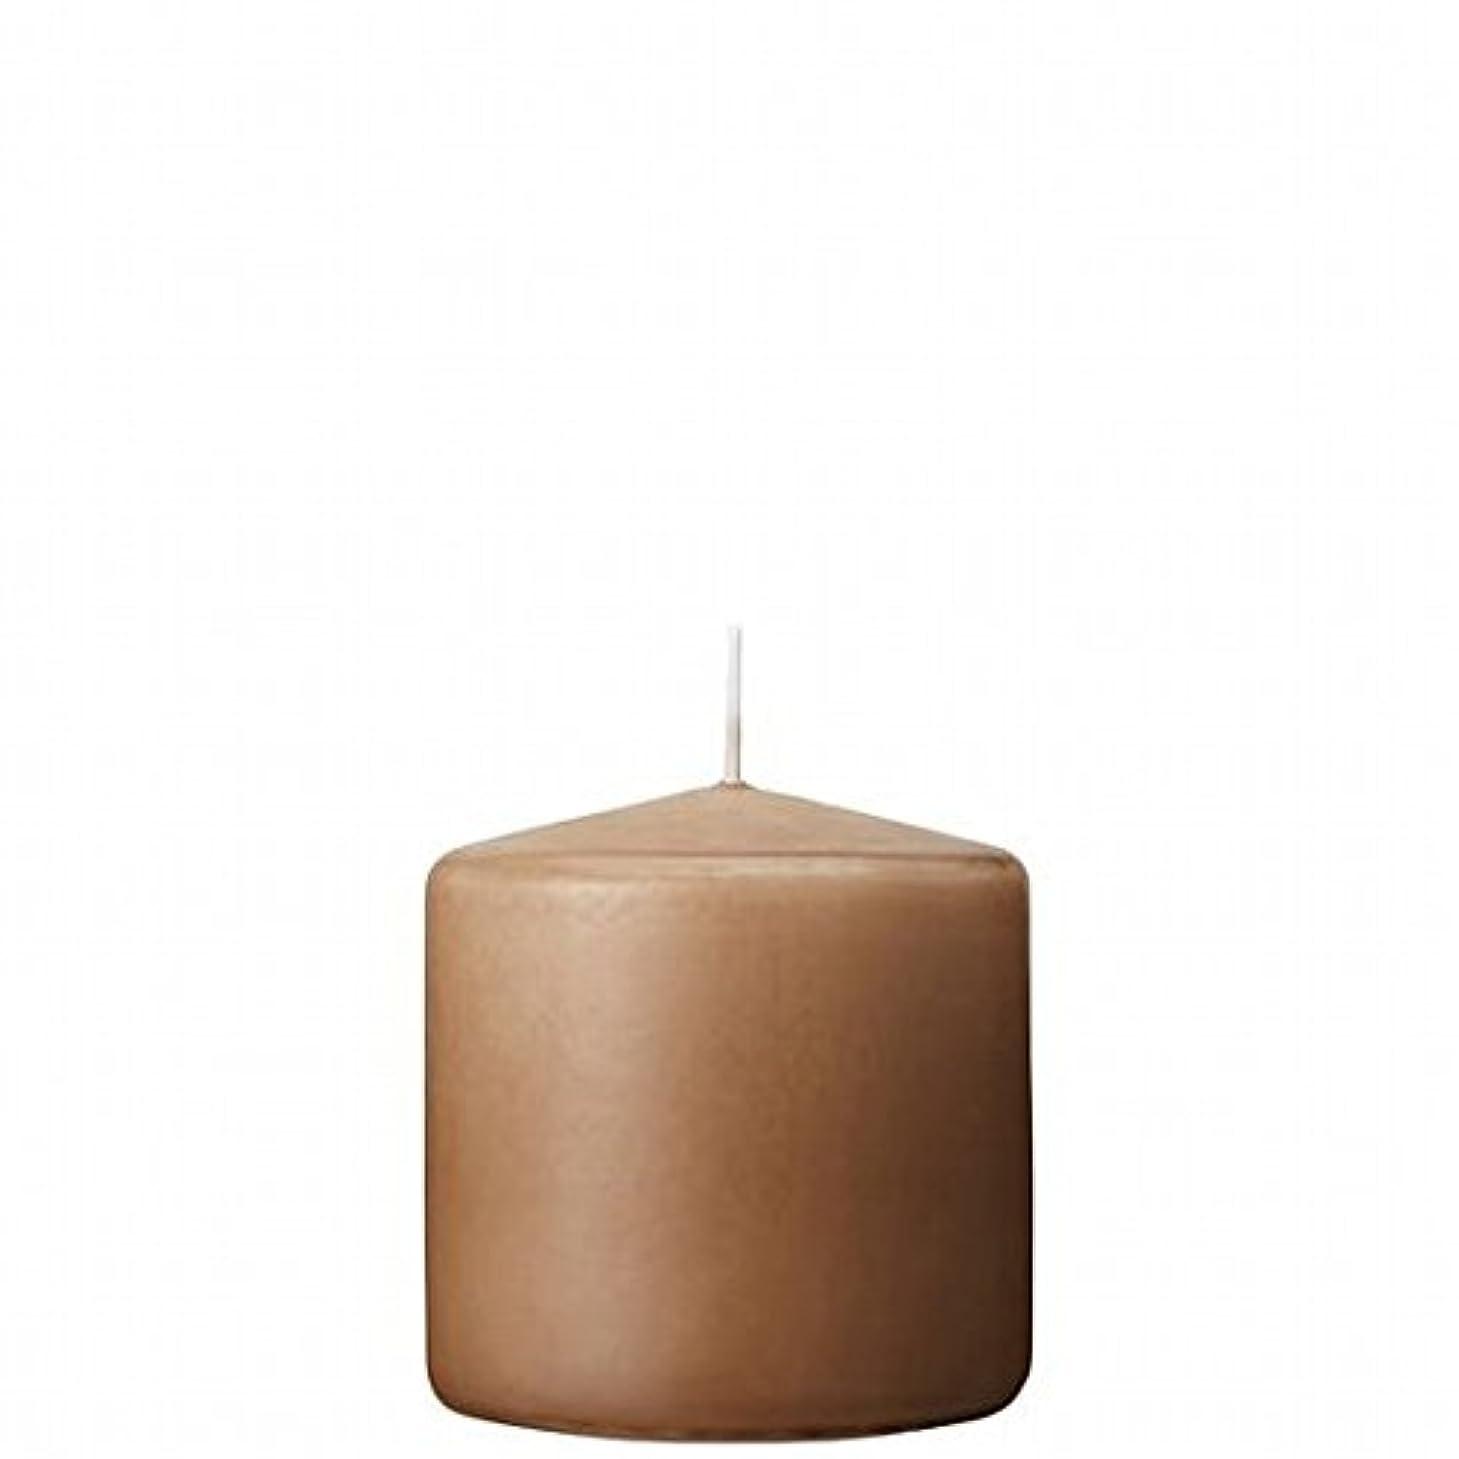 美徳計画的インセンティブkameyama candle(カメヤマキャンドル) 3×3ベルトップピラーキャンドル 「 モカ 」(A9730000MO)